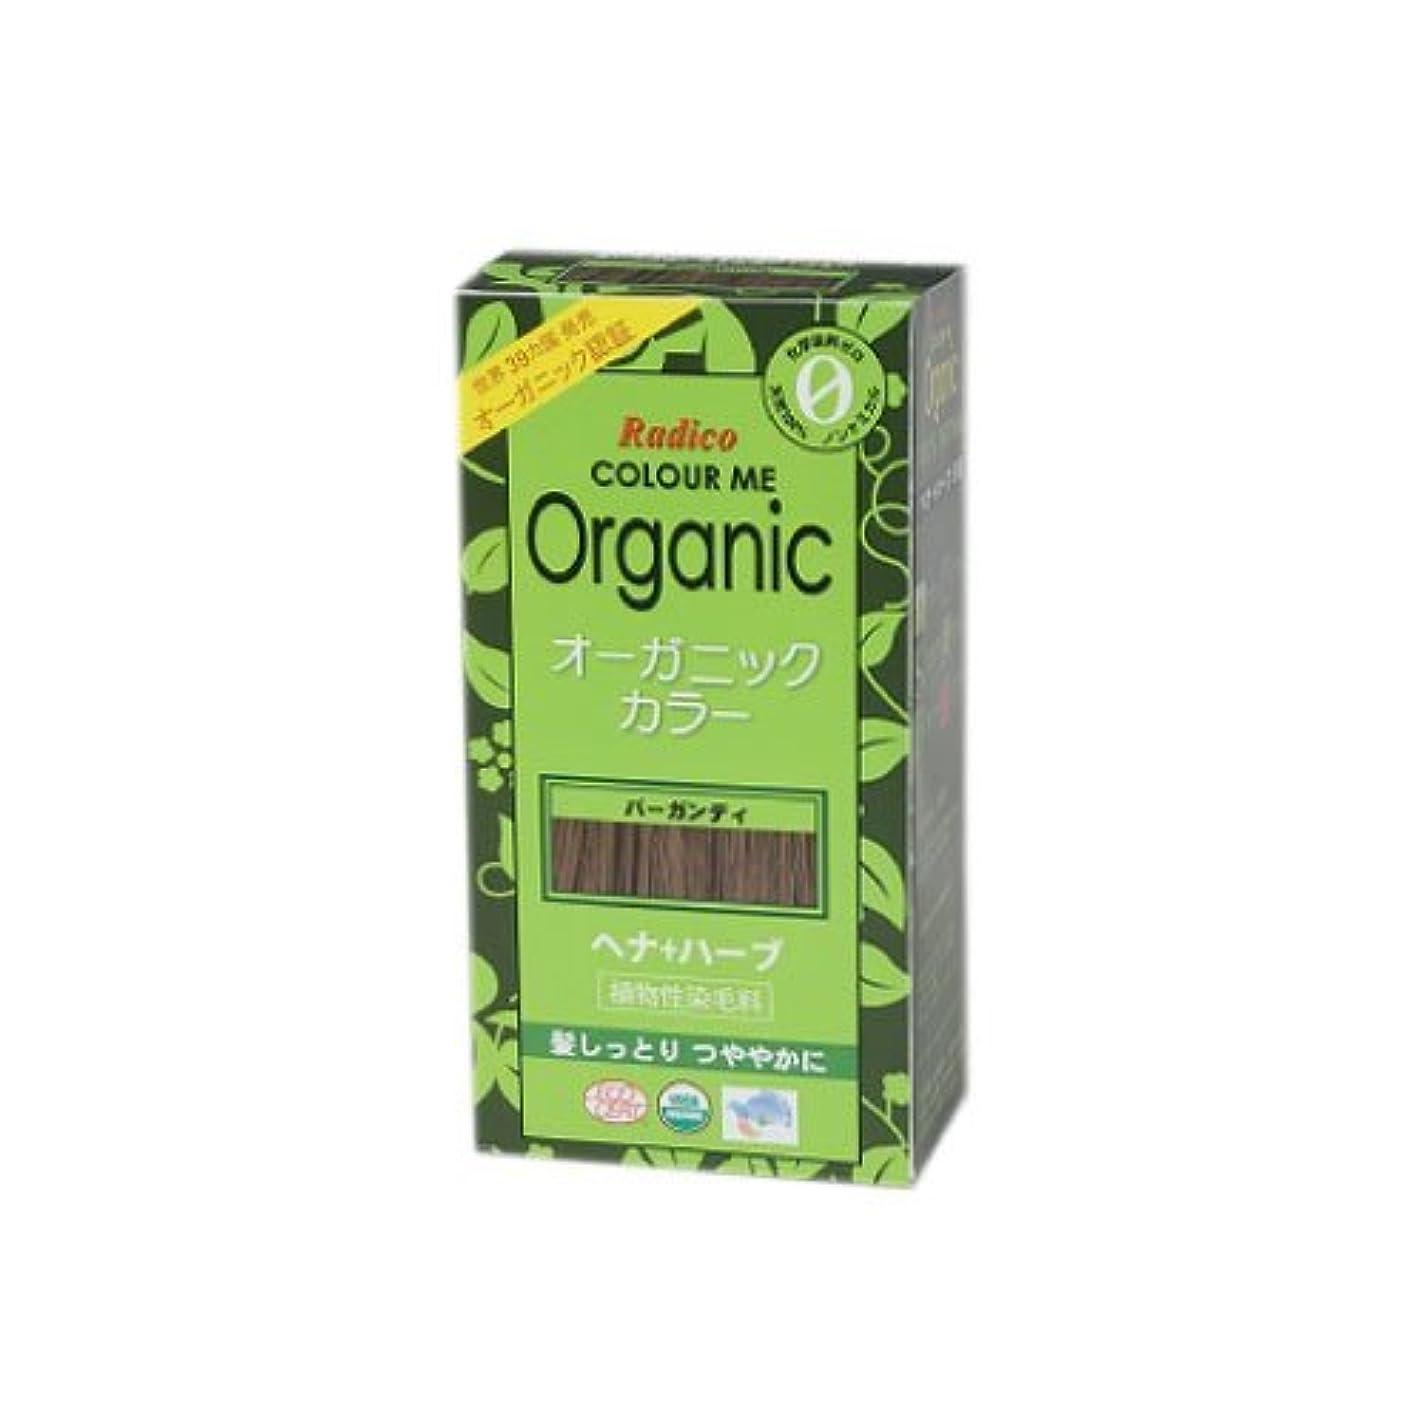 イデオロギー告白新しい意味COLOURME Organic (カラーミーオーガニック ヘナ 白髪用) バーガンディ 100g